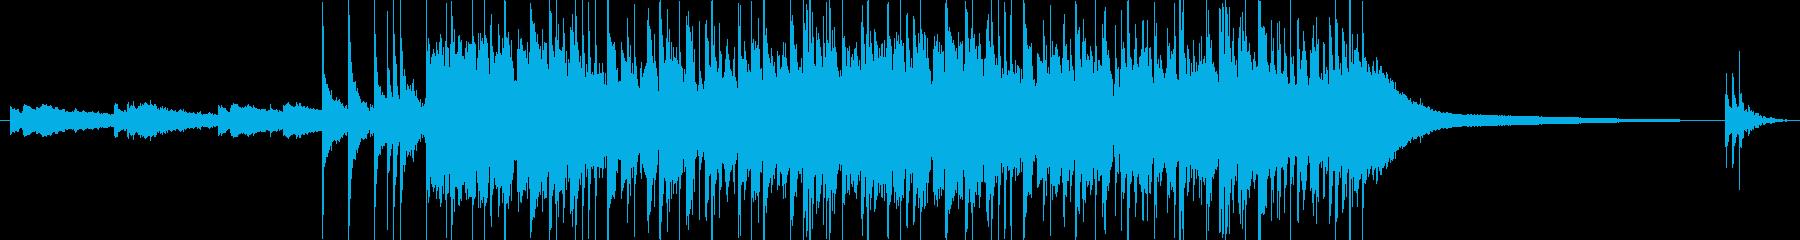 アニメ風のオープニング用ジングルの再生済みの波形